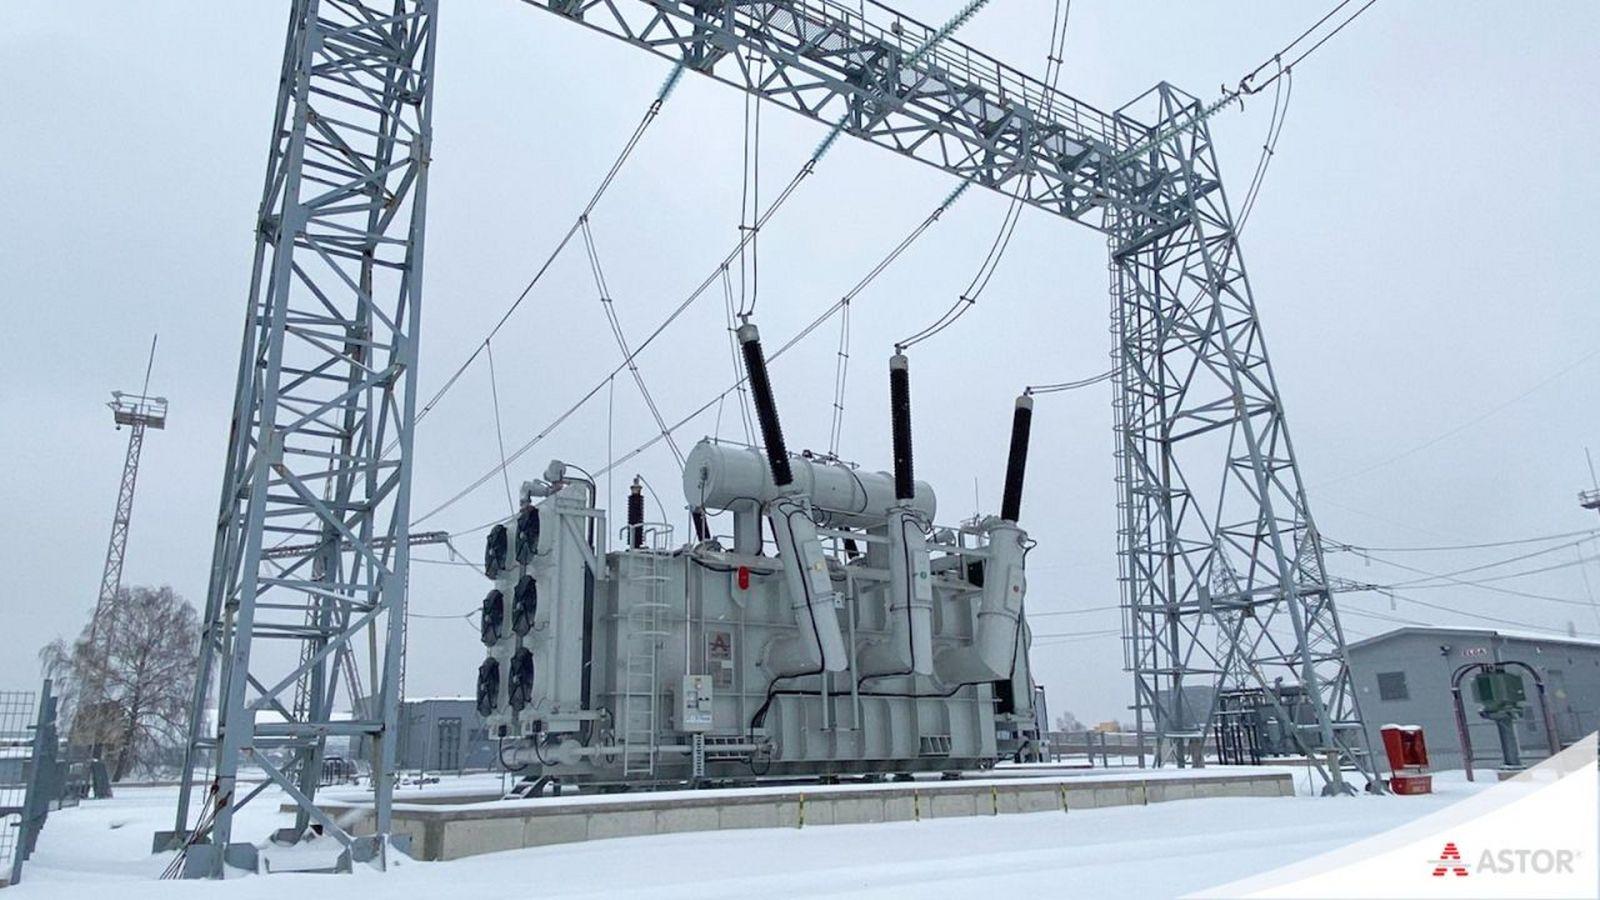 ASTOR %100 Yerli ve Milli Üretimimiz Olan 250 MVA Güç Transformatörümüz Litvanya'da